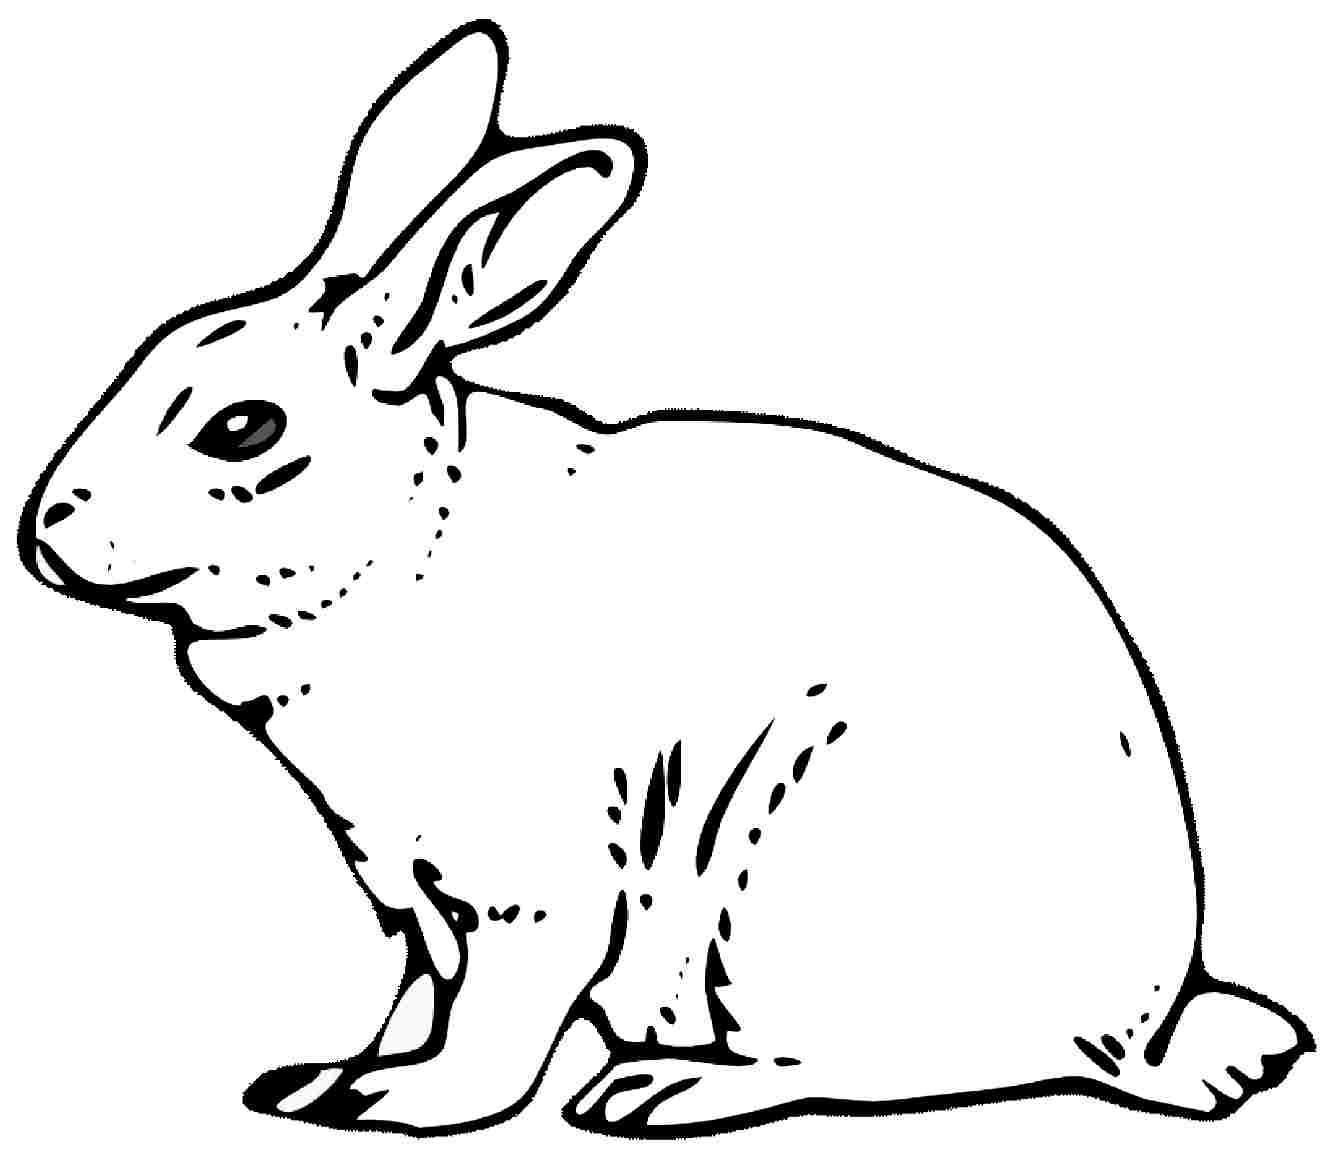 cara mewarnai kelinci mewarnai binatang kelinci Mewarnai Gambar Kelinci bonikids